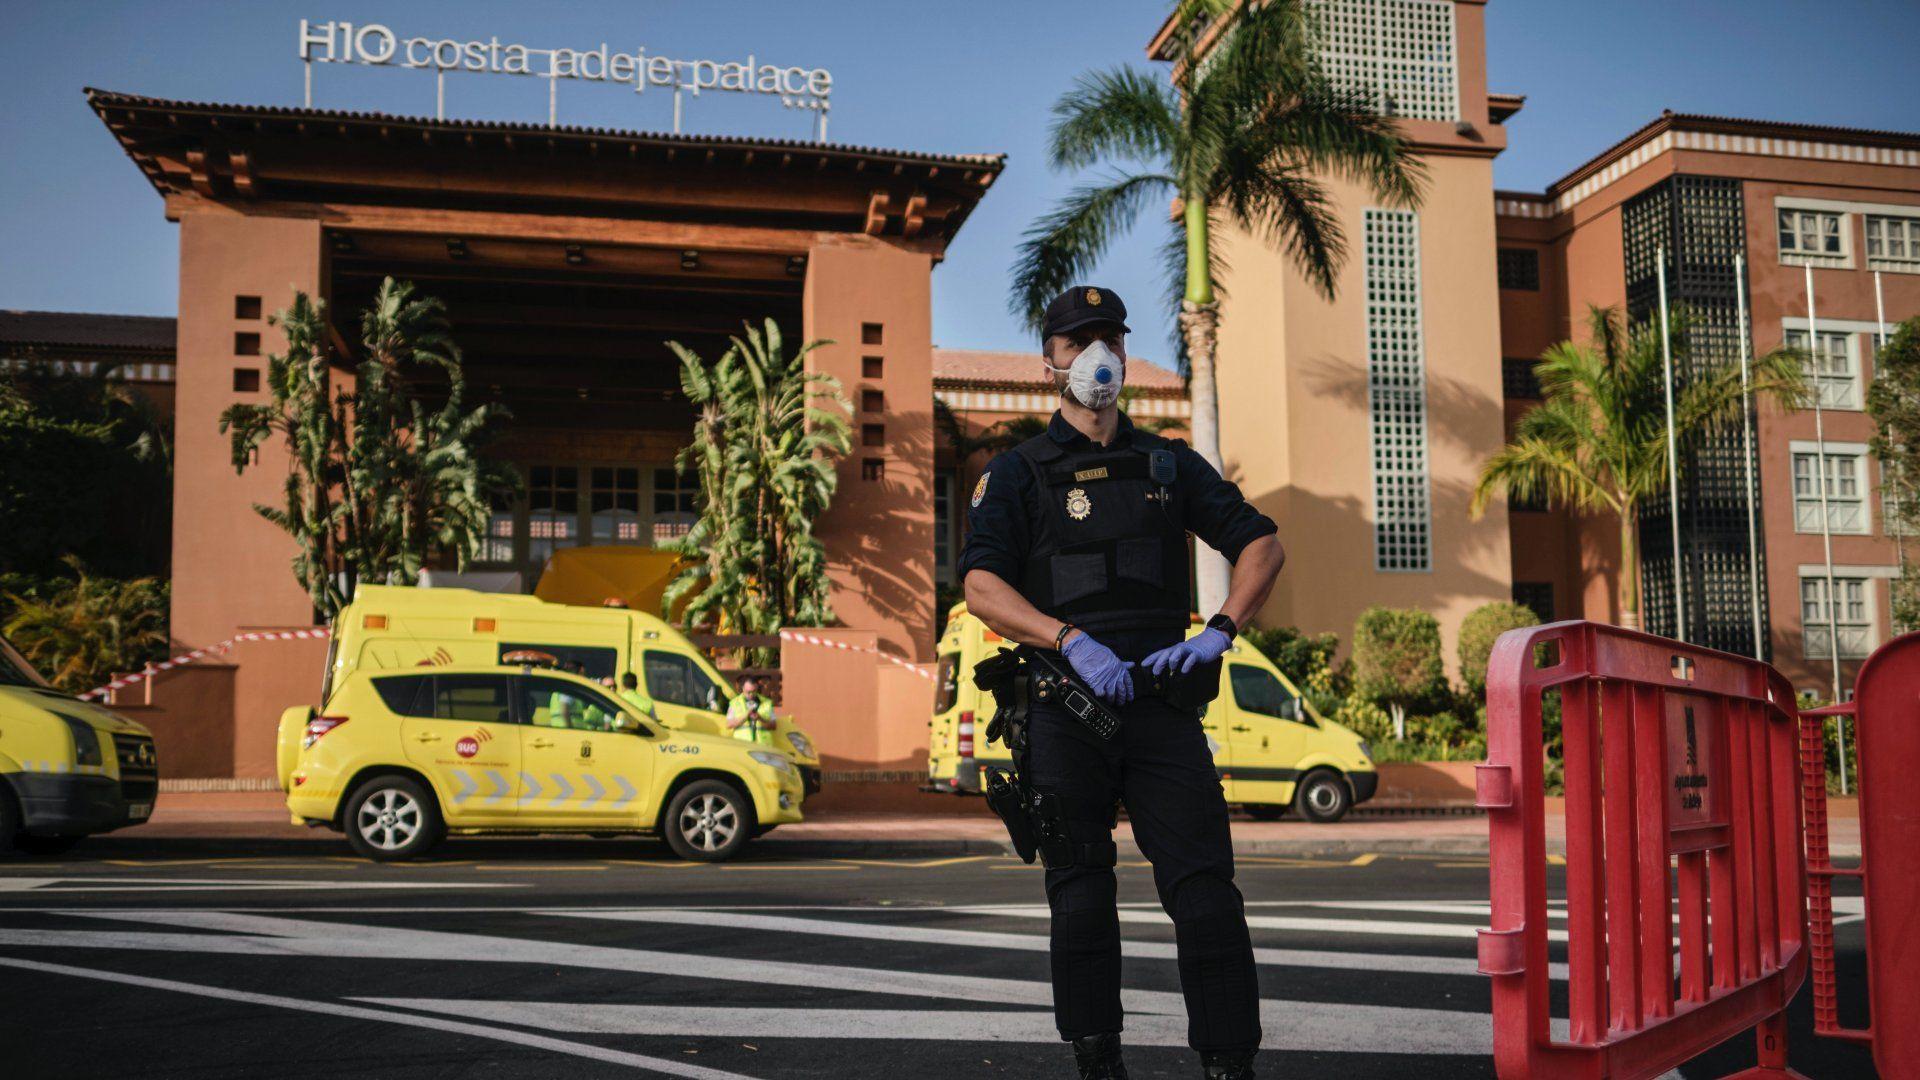 Szájmaszkot viselő rendőrök a Tenerife nyugati partjánál lévő Costa Adeje üdülõhely H10 Costa Adeje Palace nevű szállodája előtt 2020. február 26-án (Fotó: MTI/AP)